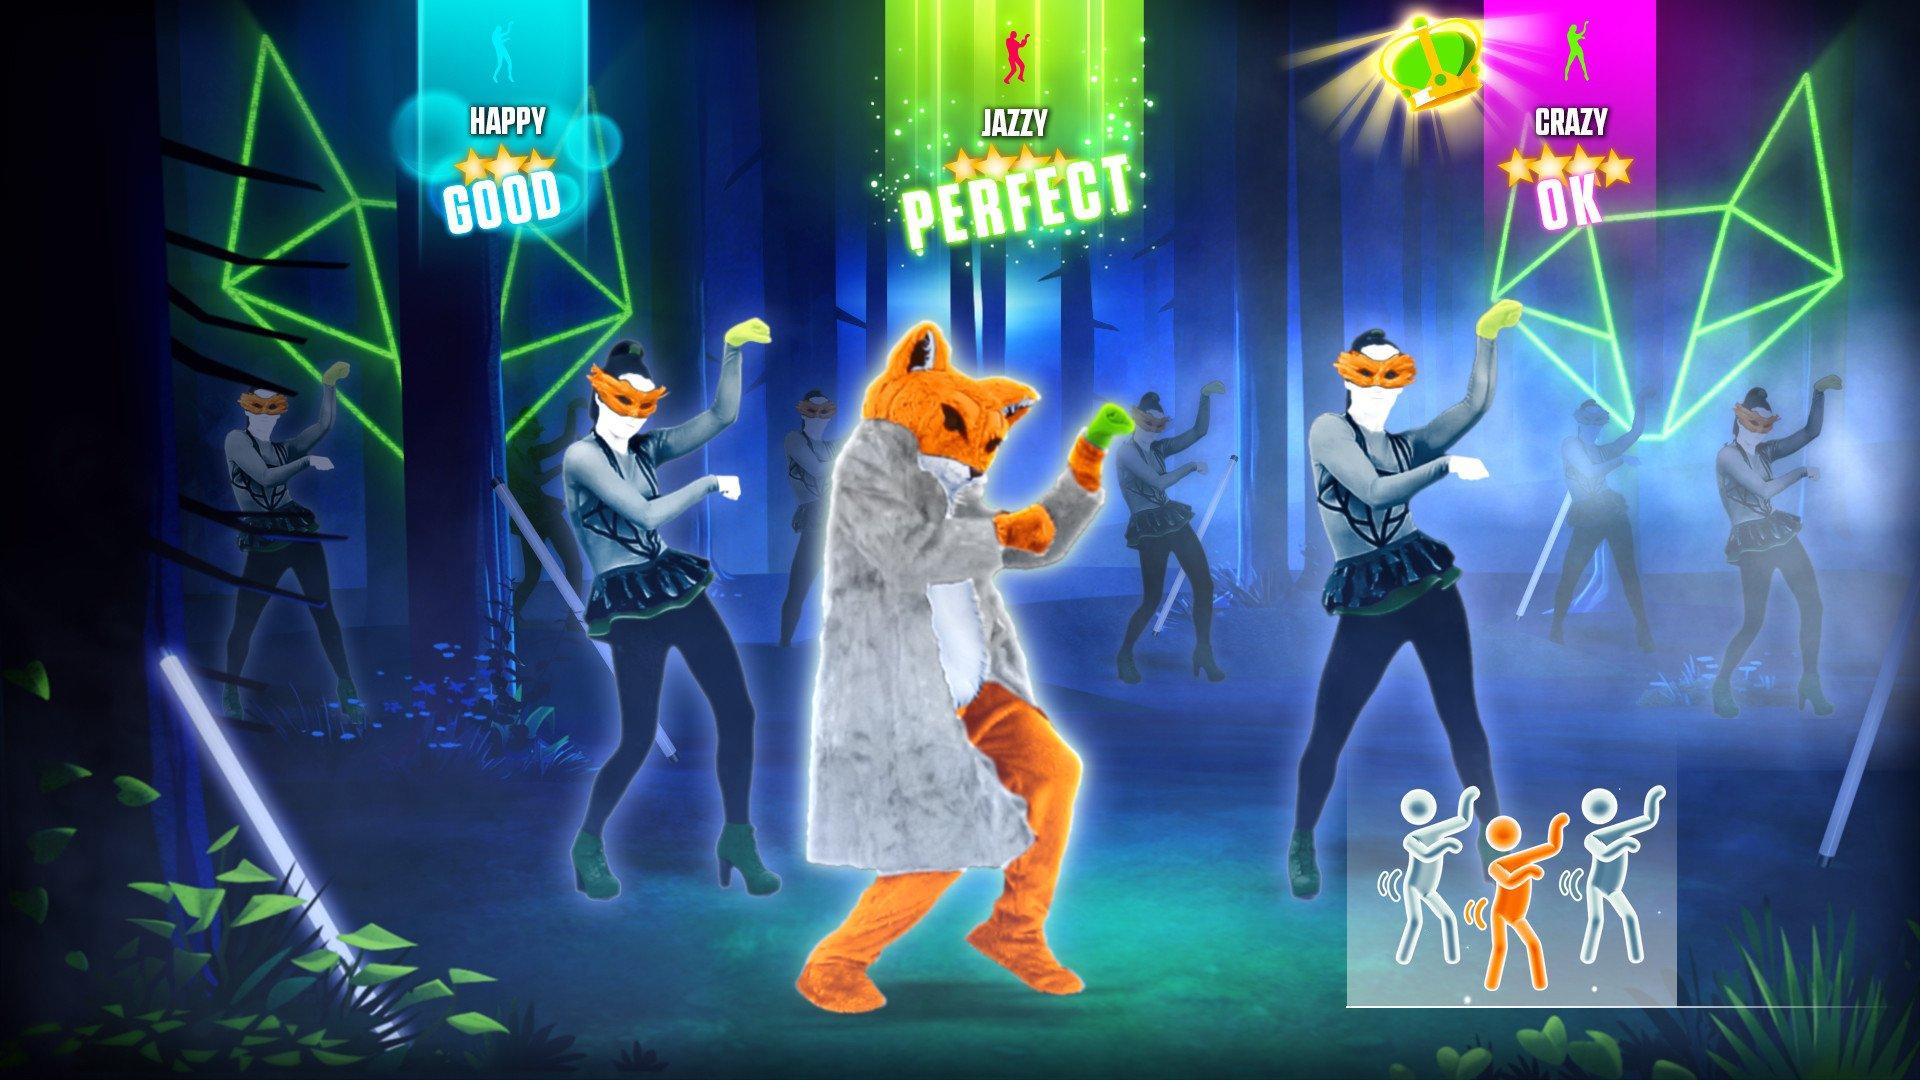 Ylvis The Fox Wallpaper